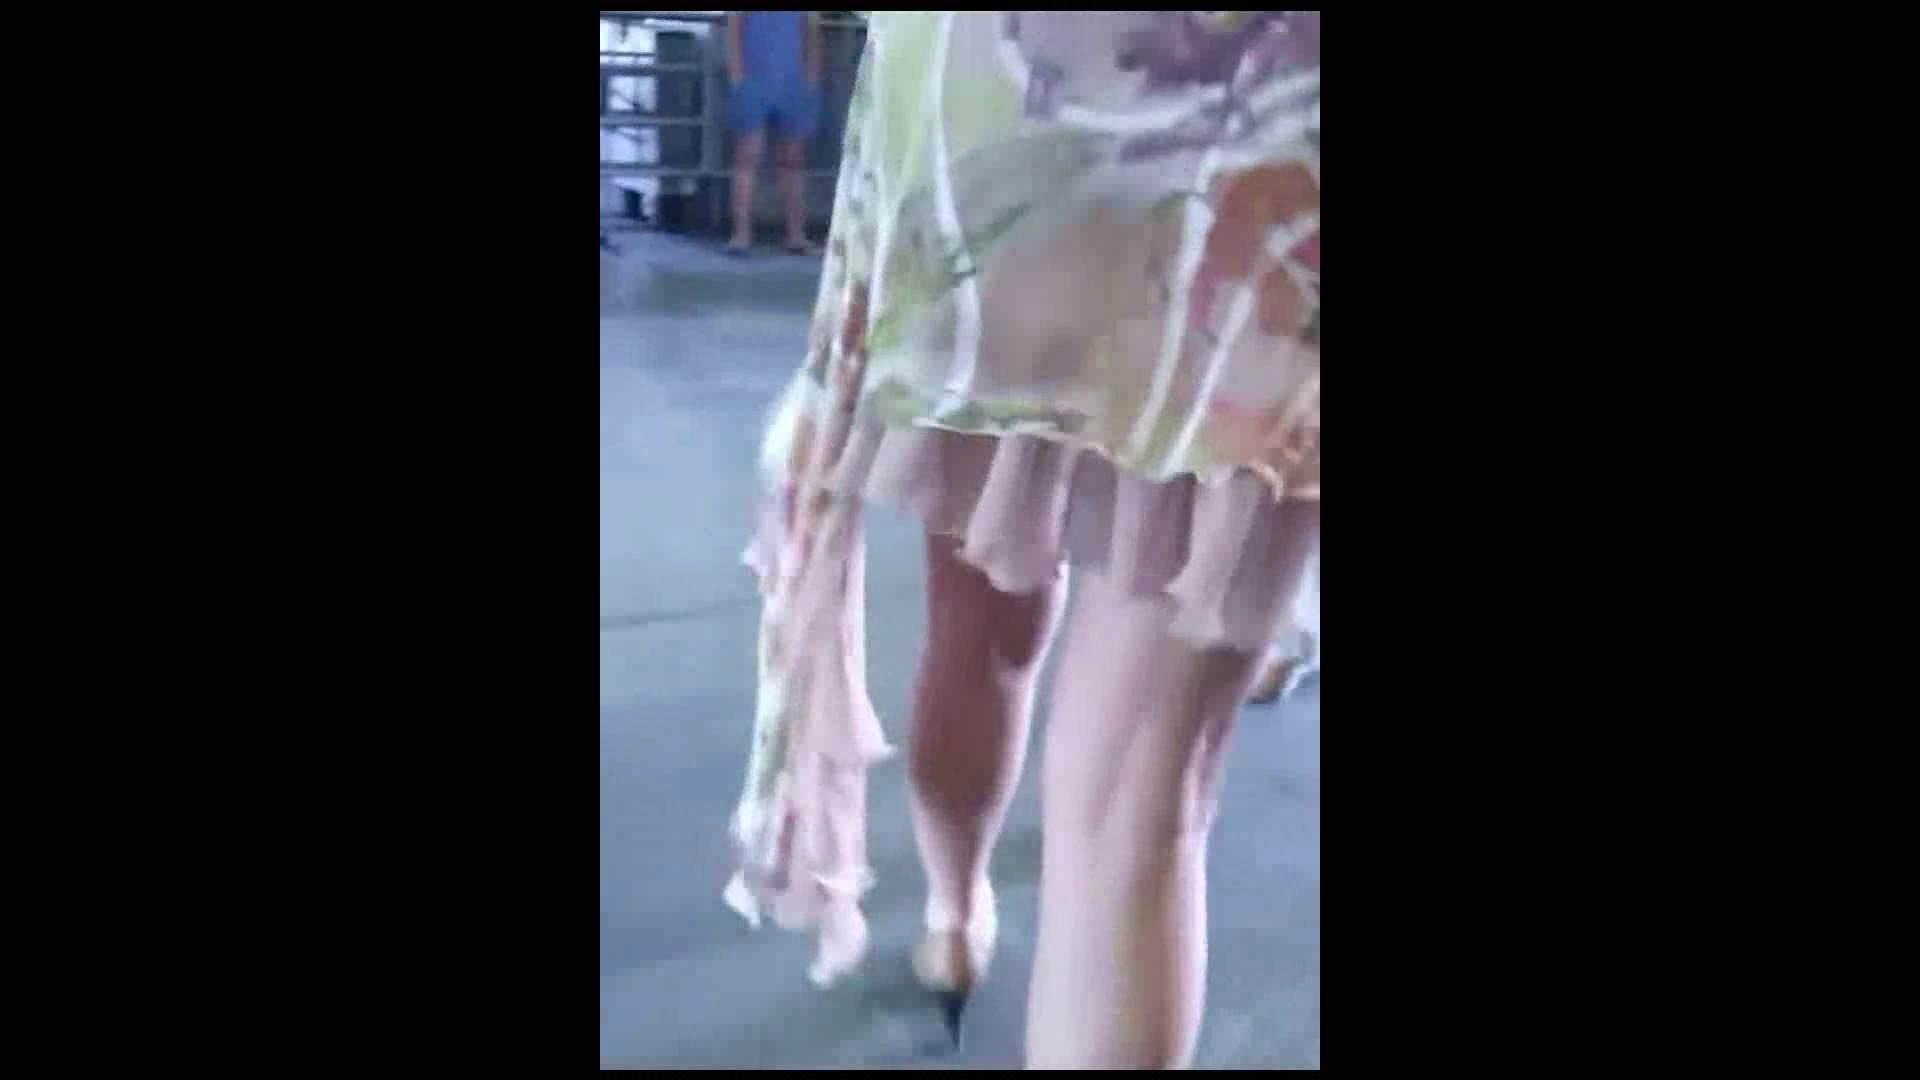 綺麗なモデルさんのスカート捲っちゃおう‼vol03 Hなお姉さん | 0  98pic 57